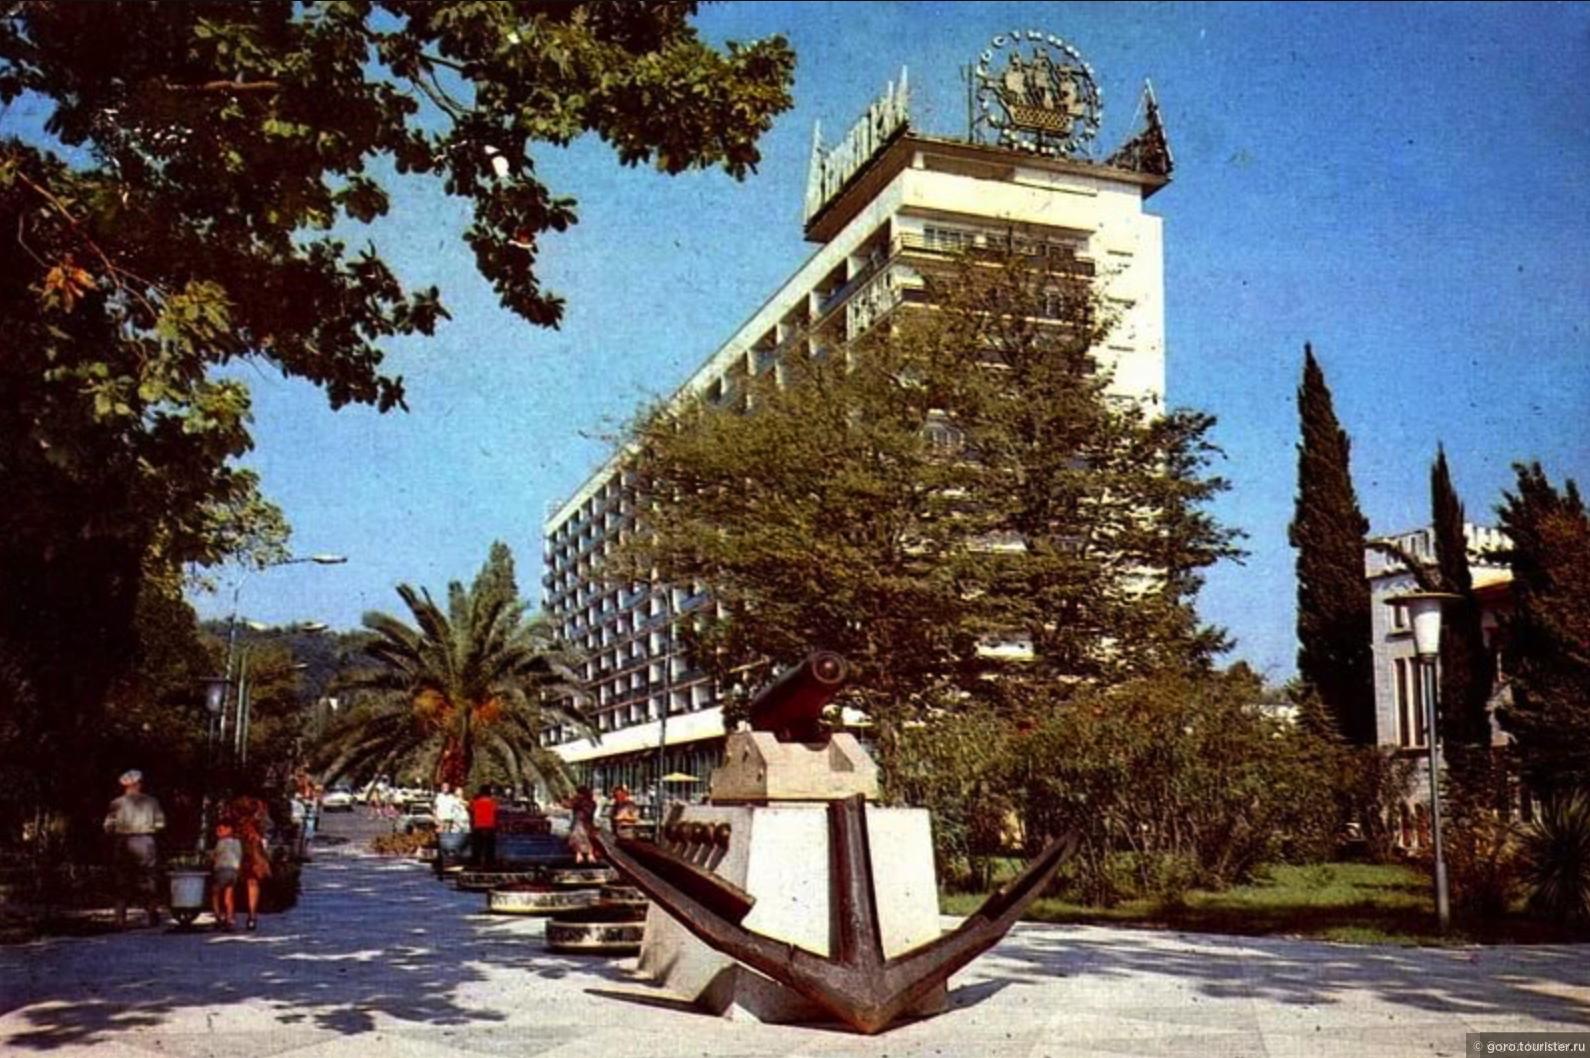 бухучете бюджетной фото старых гостиниц в сочи вышеперечисленных